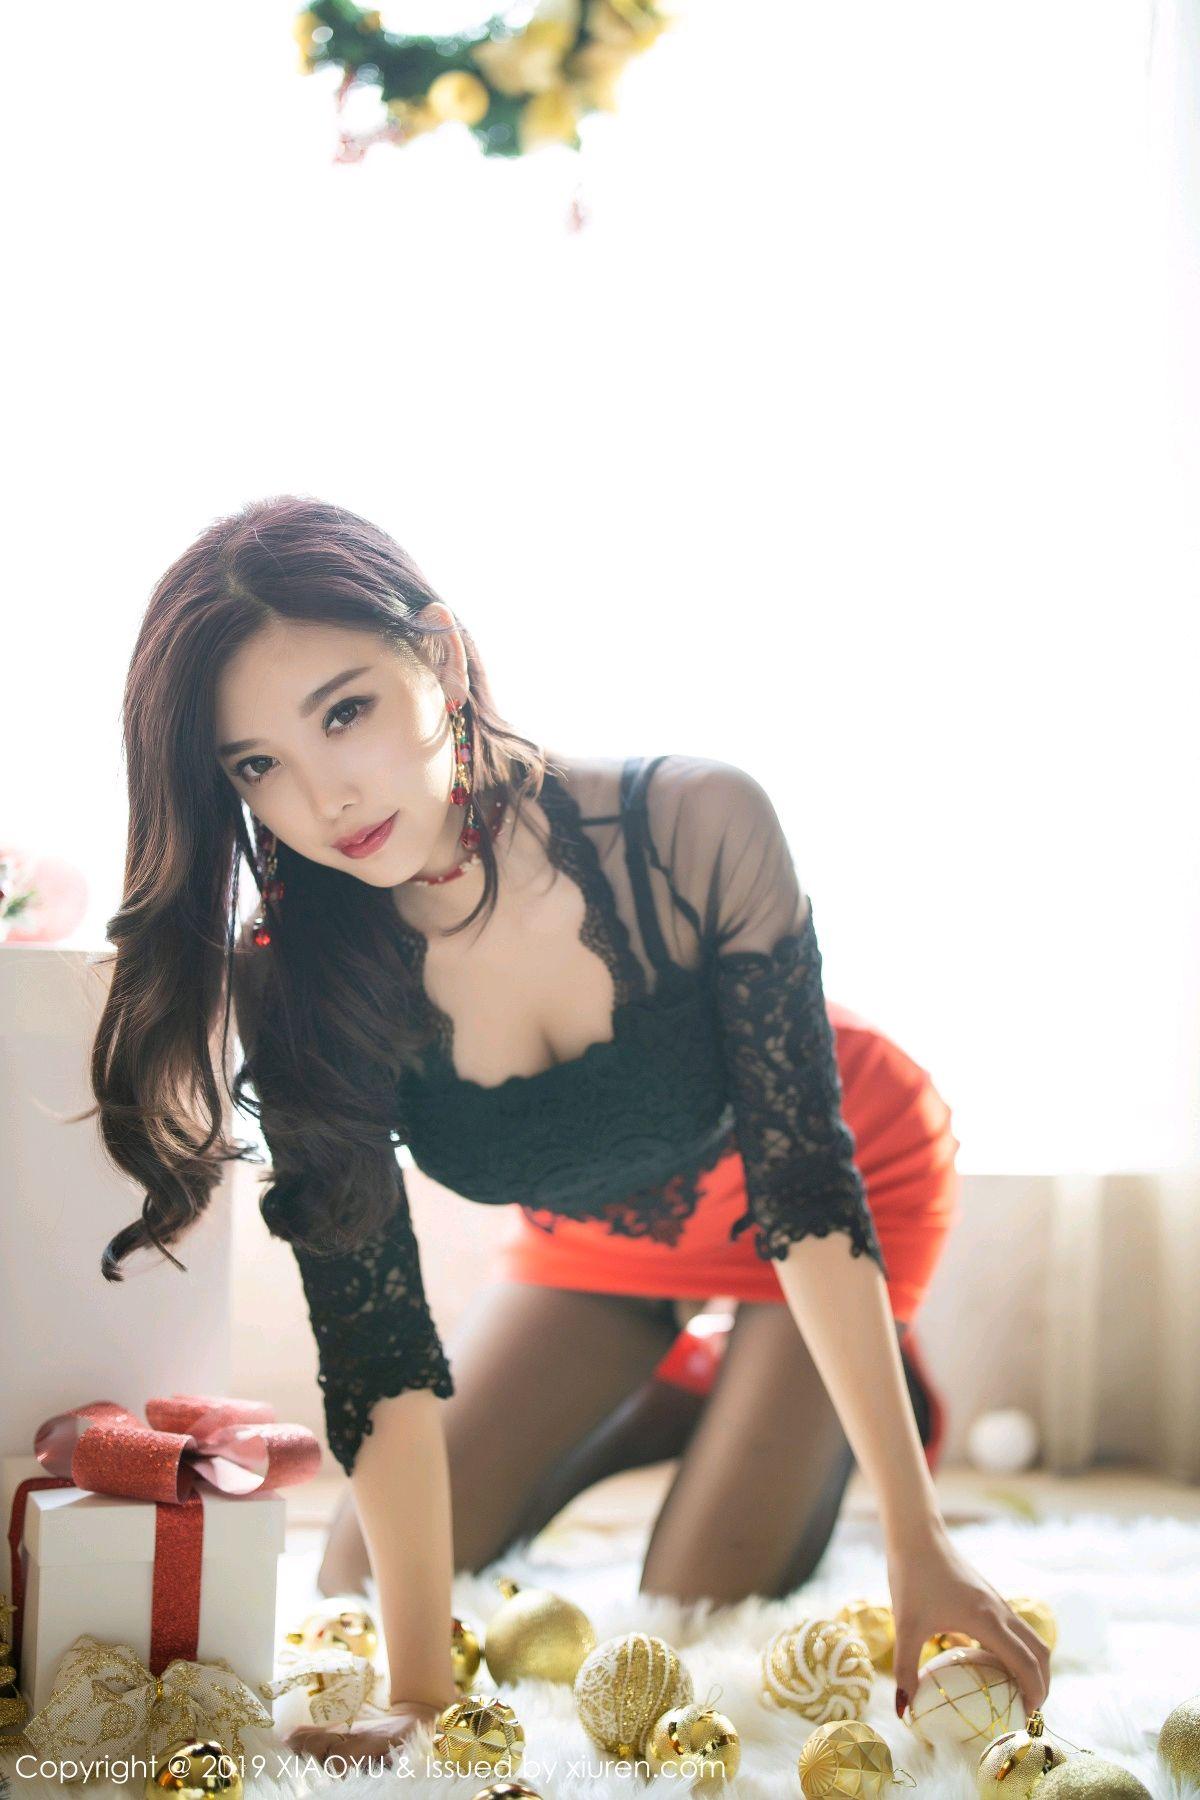 [XiaoYu] Vol.225 Yang Chen Chen 28P, Christmas, Underwear, XiaoYu, Yang Chen Chen